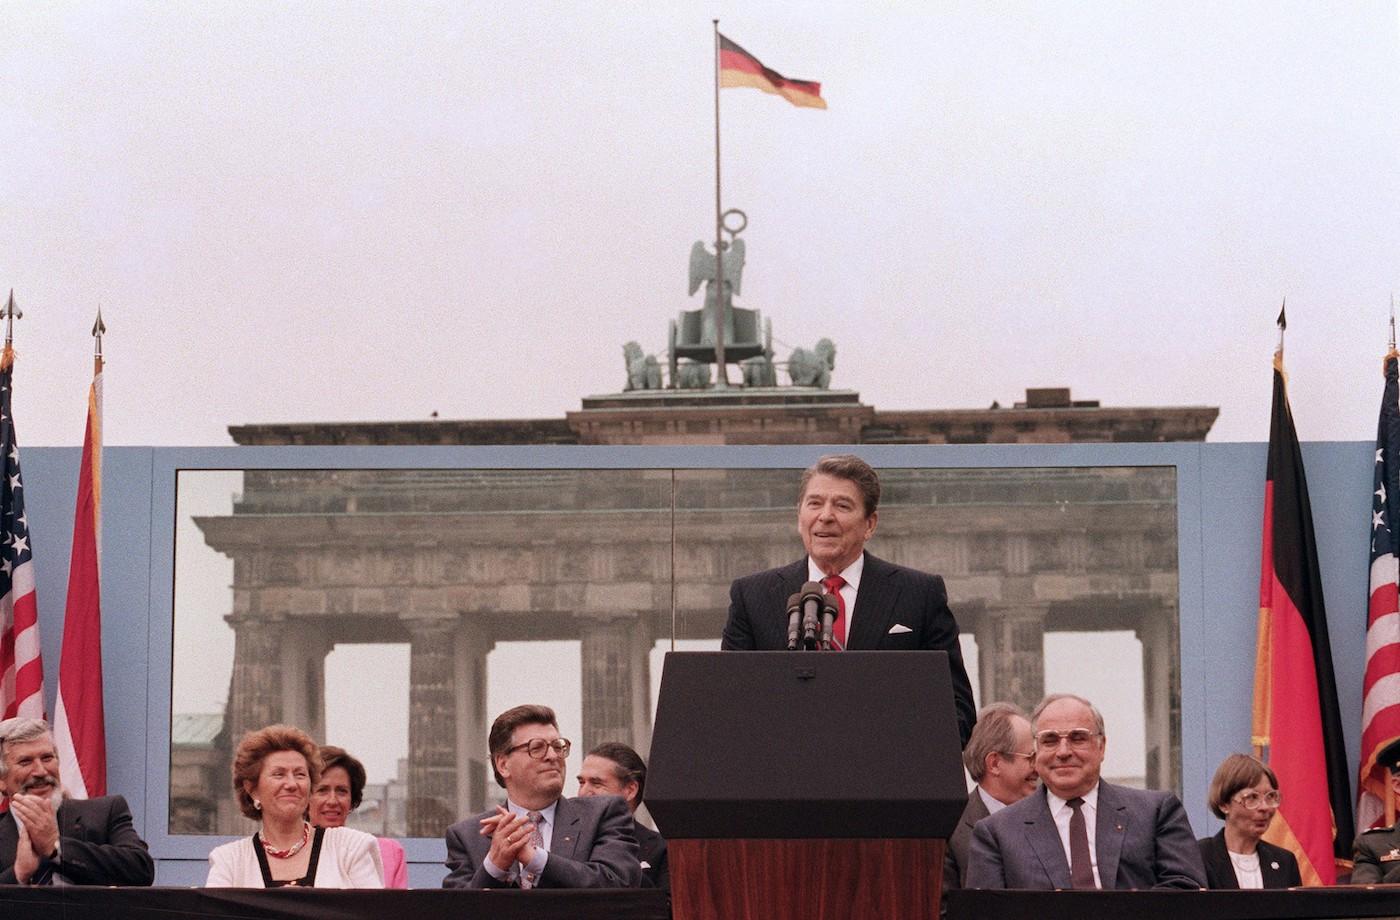 """""""Signor Gorbačëv, abbatta questo muro!"""": quando le parole della buona destra potevano cambiare la storia"""